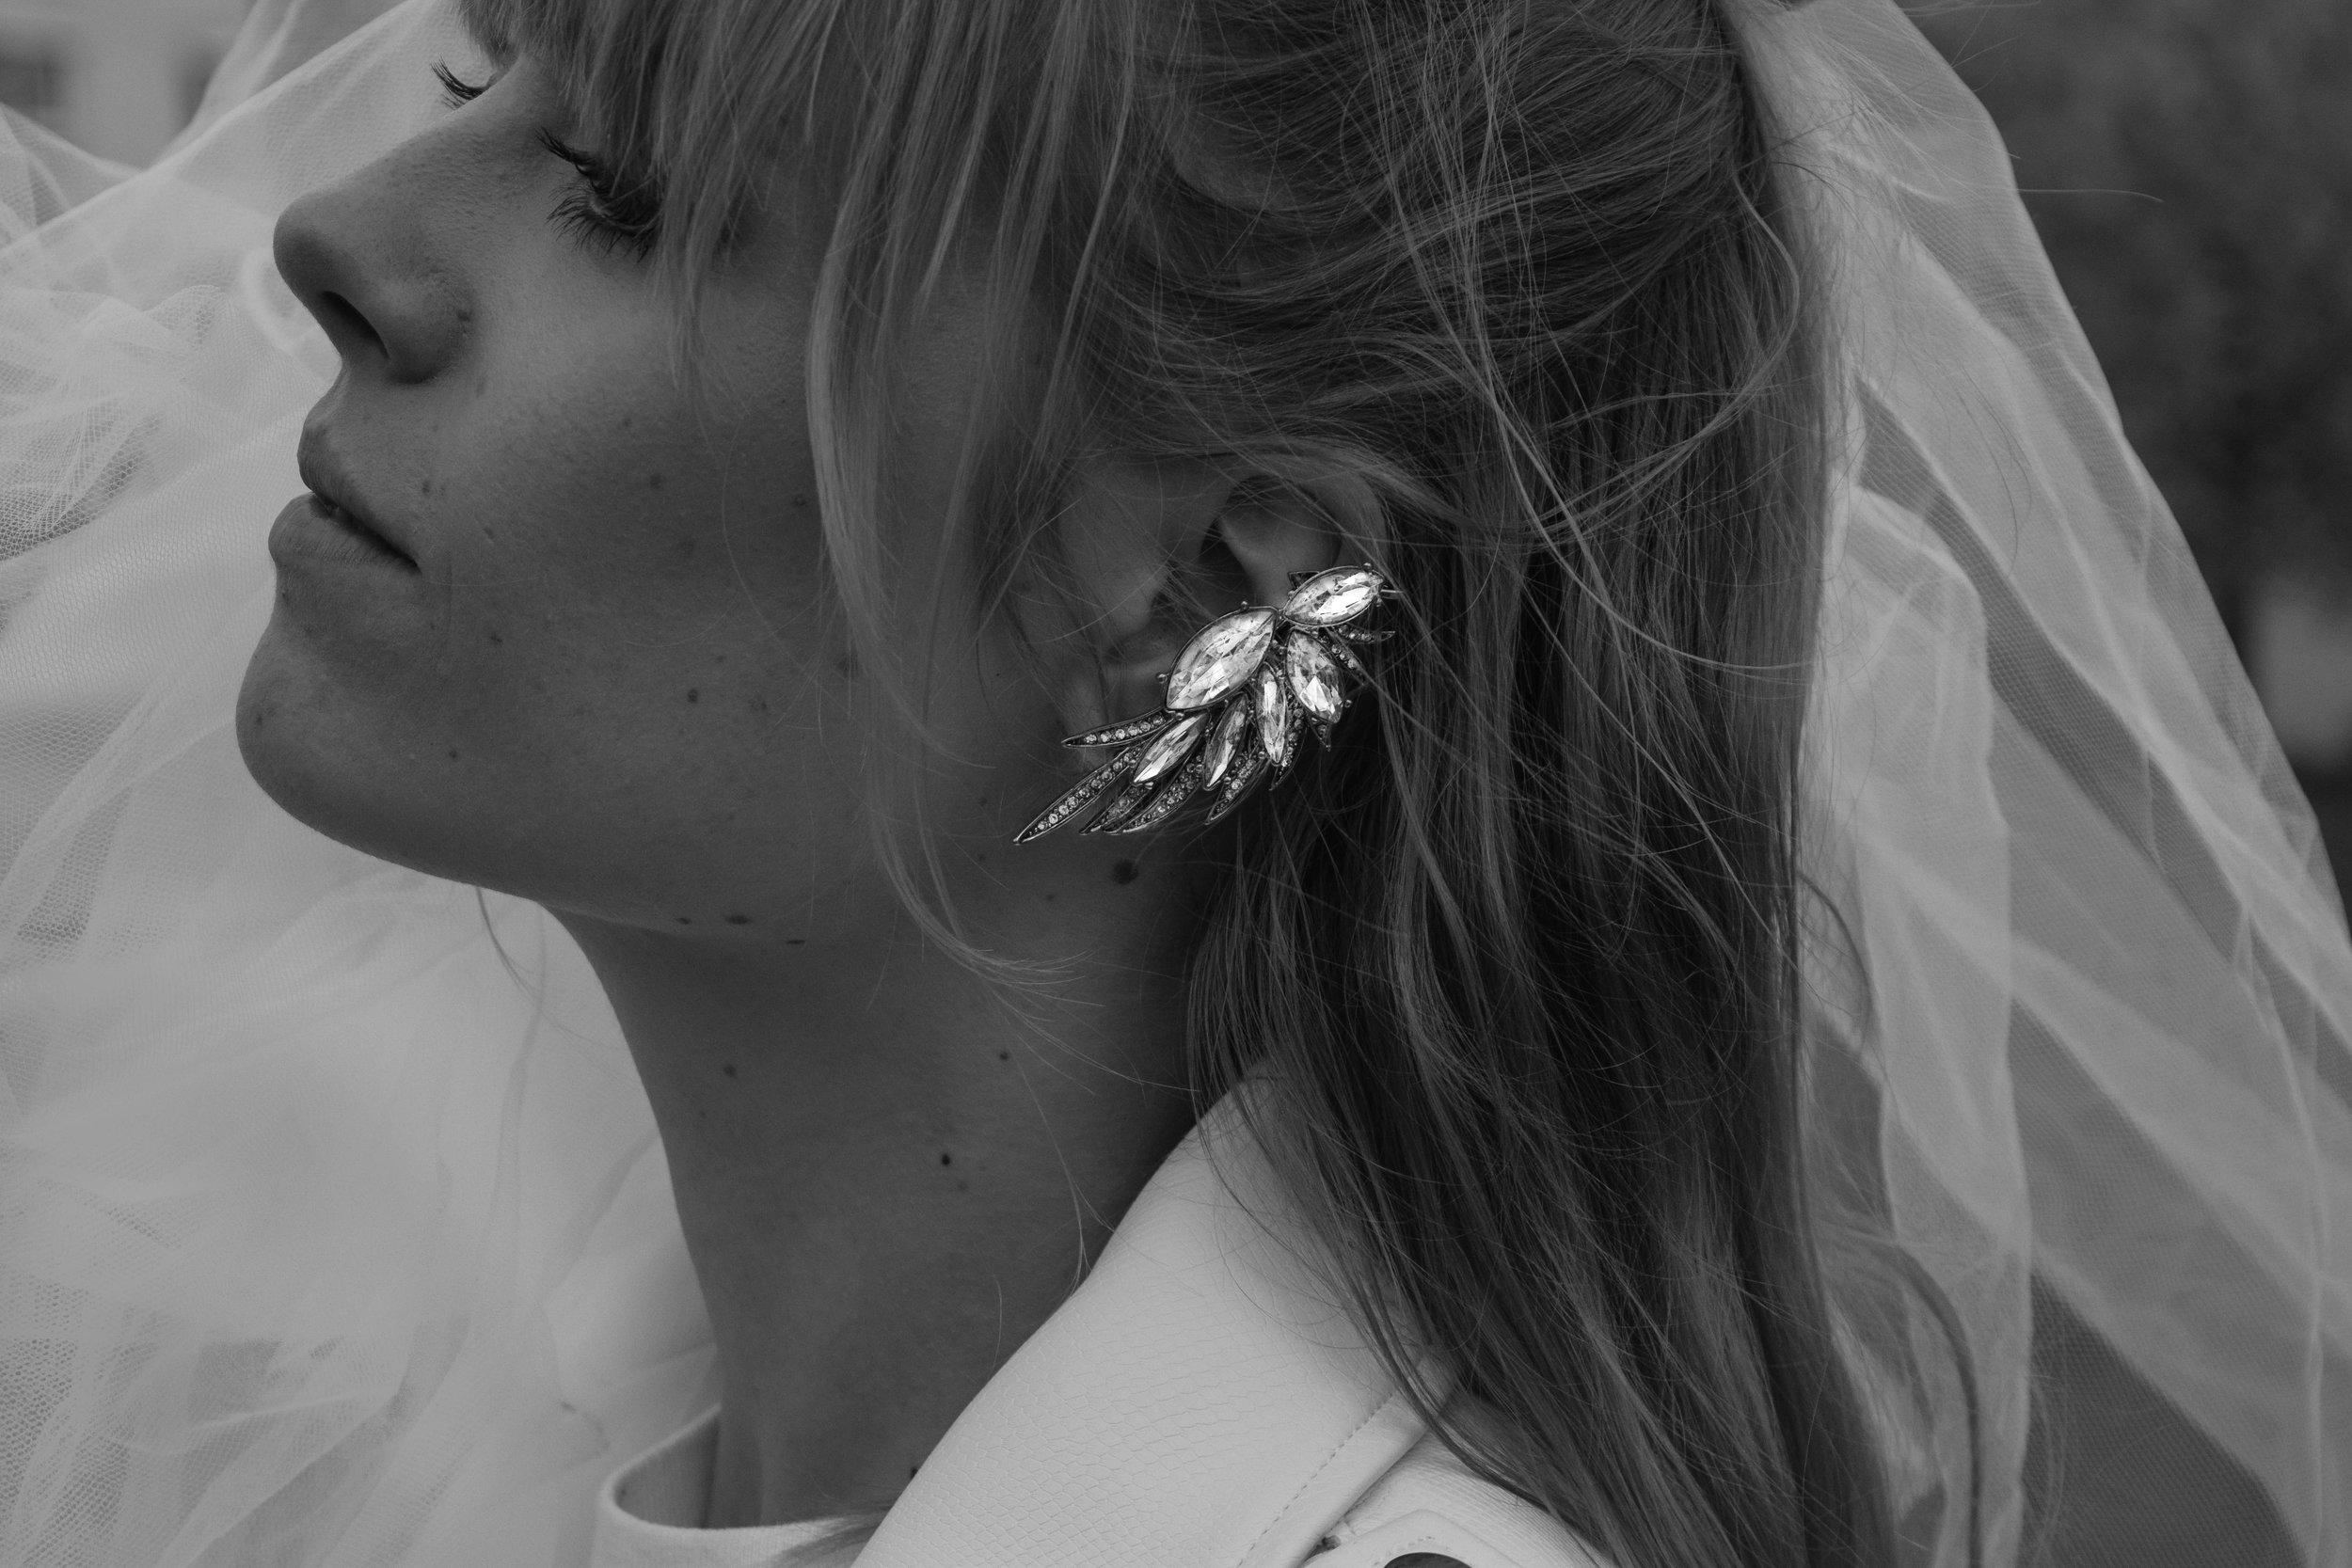 The best LOVE STORY is when you fall in love with the most unexpected person at the most unexpected time. // Die beste Liebesgeschichte ist, wenn du dich in die nie geglaubt existierende Person zur  unerwartetsten  Zeit verliebst.